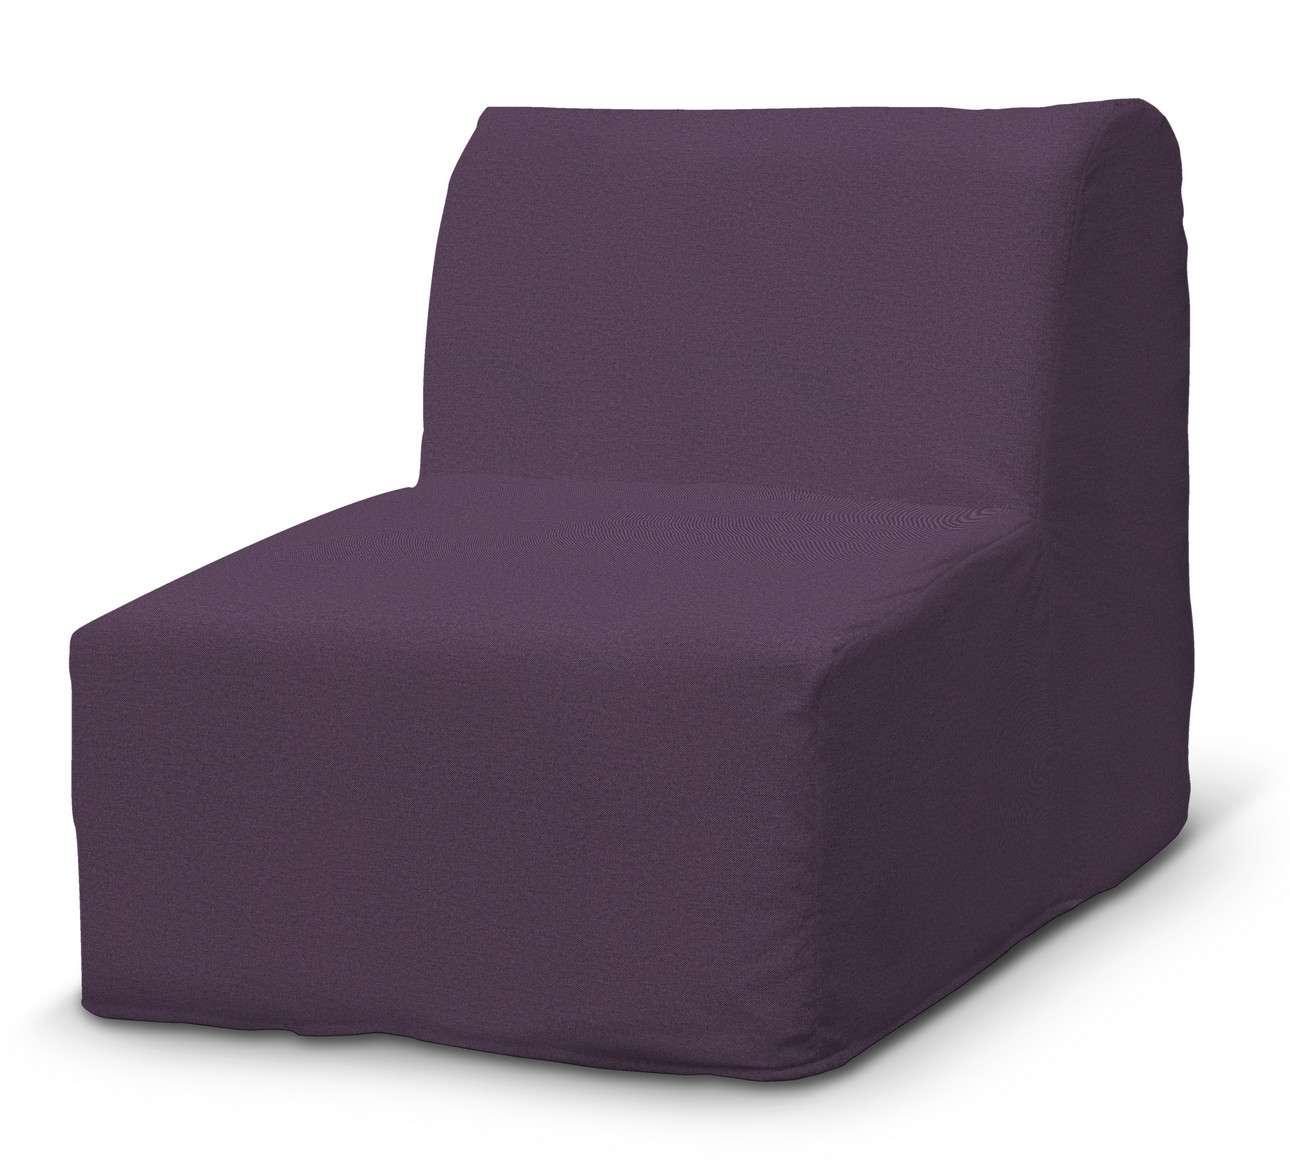 Pokrowiec na fotel Lycksele prosty w kolekcji Etna, tkanina: 161-27